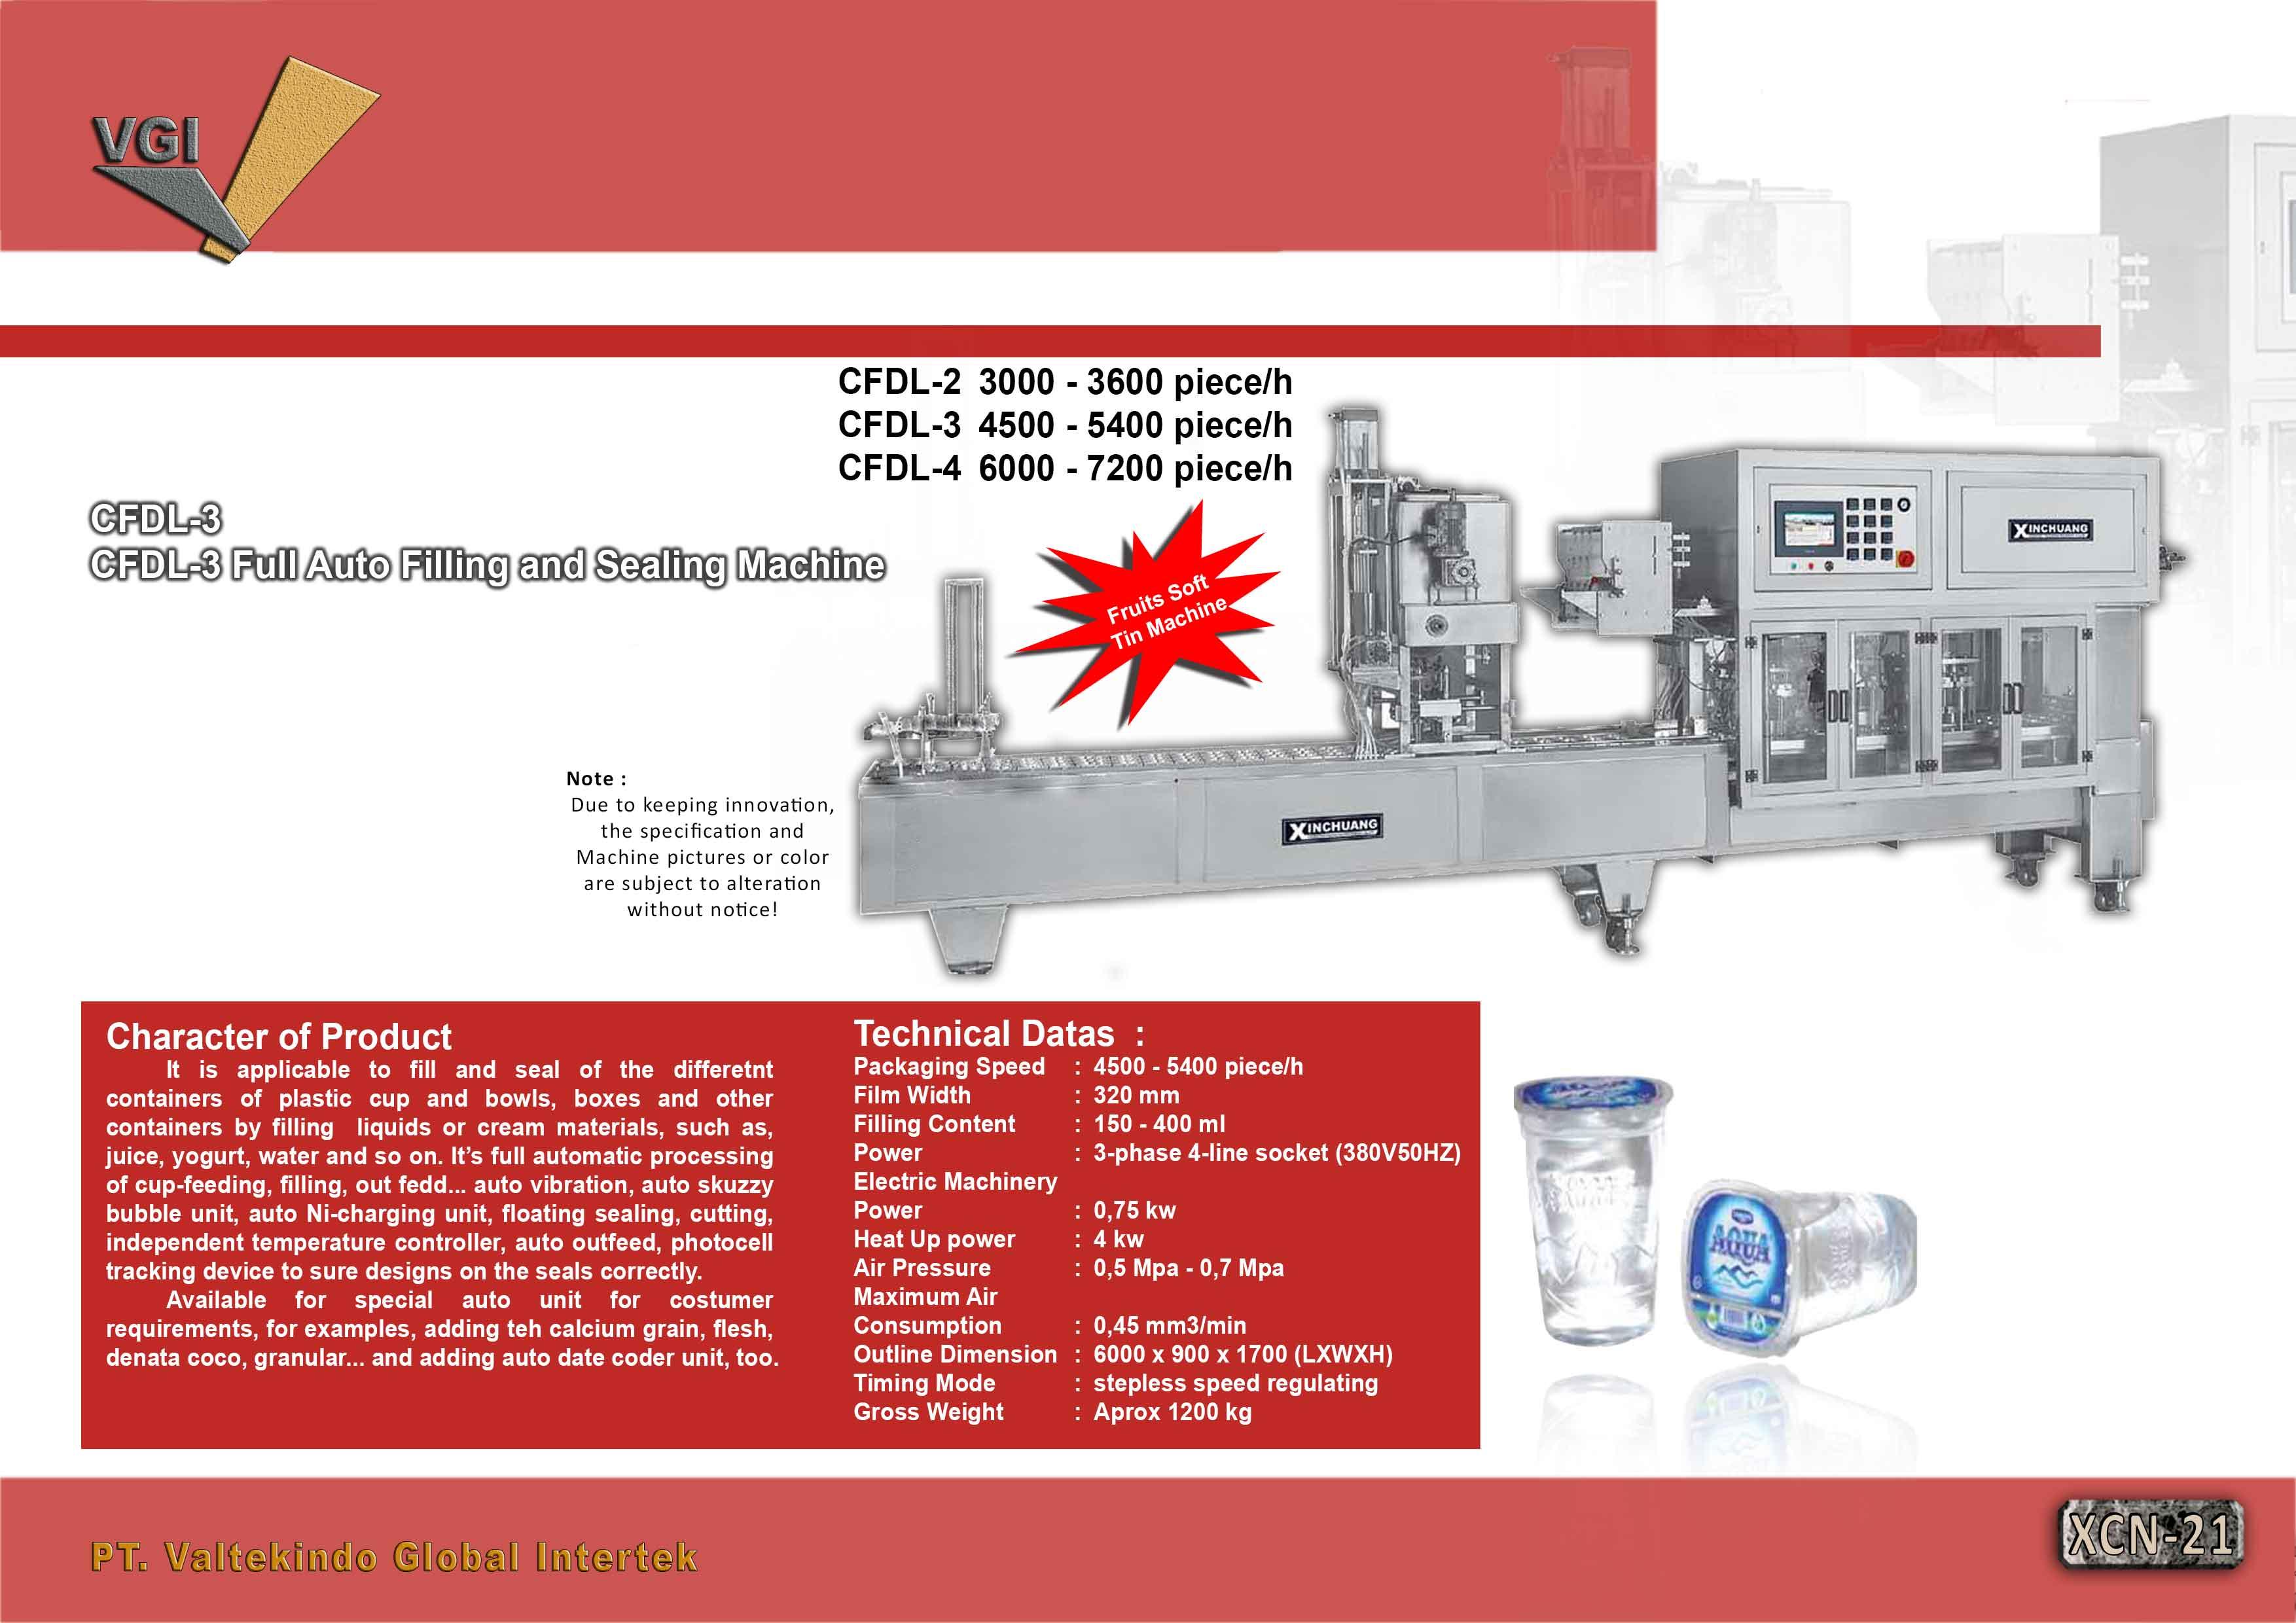 jual mesin, harga mesin, distributor mesin, jual mesin karet, daur ulang plastik  Full Auto Filling and Sealing Machine4  Full Auto Filling and Sealing Machine4